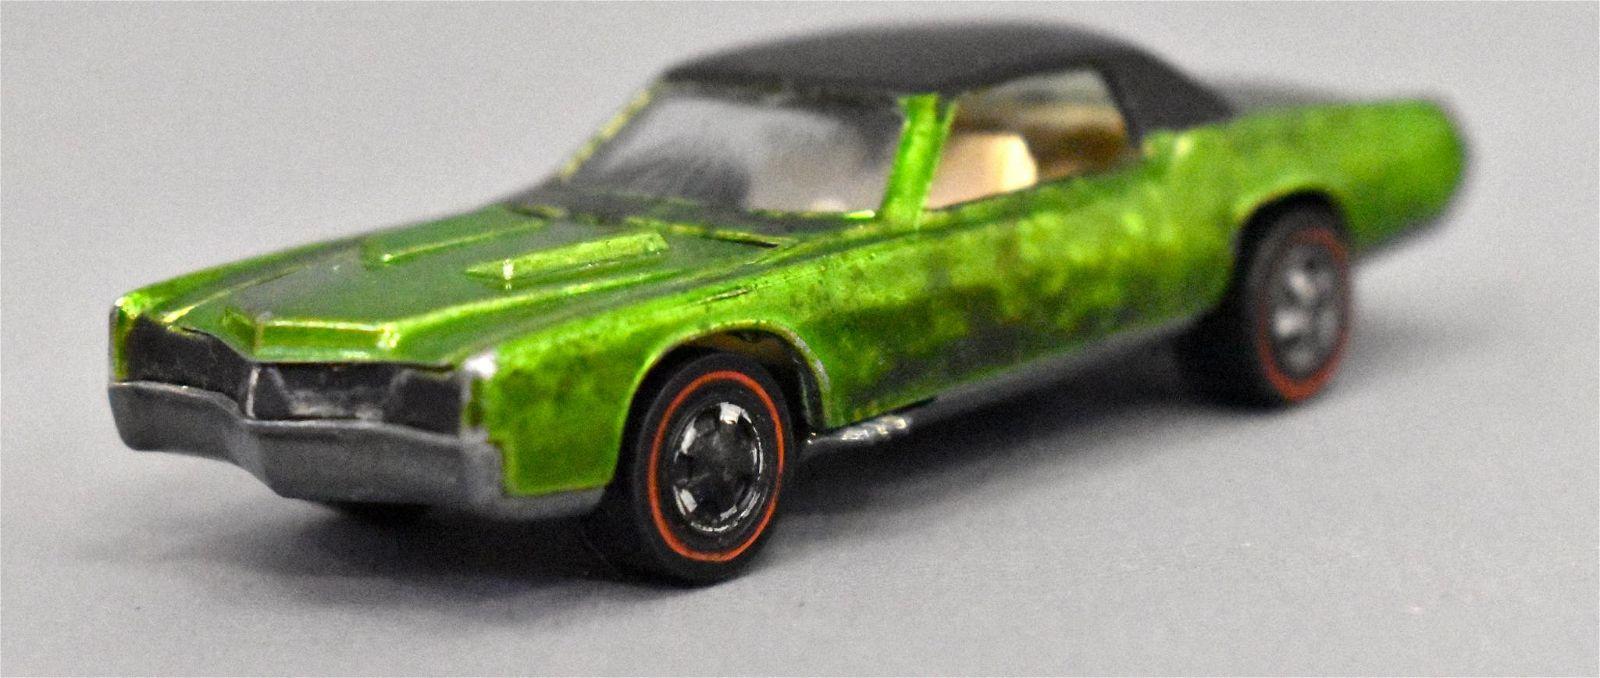 Mattel Redline Hot Wheels Light Green Custom Eldorado